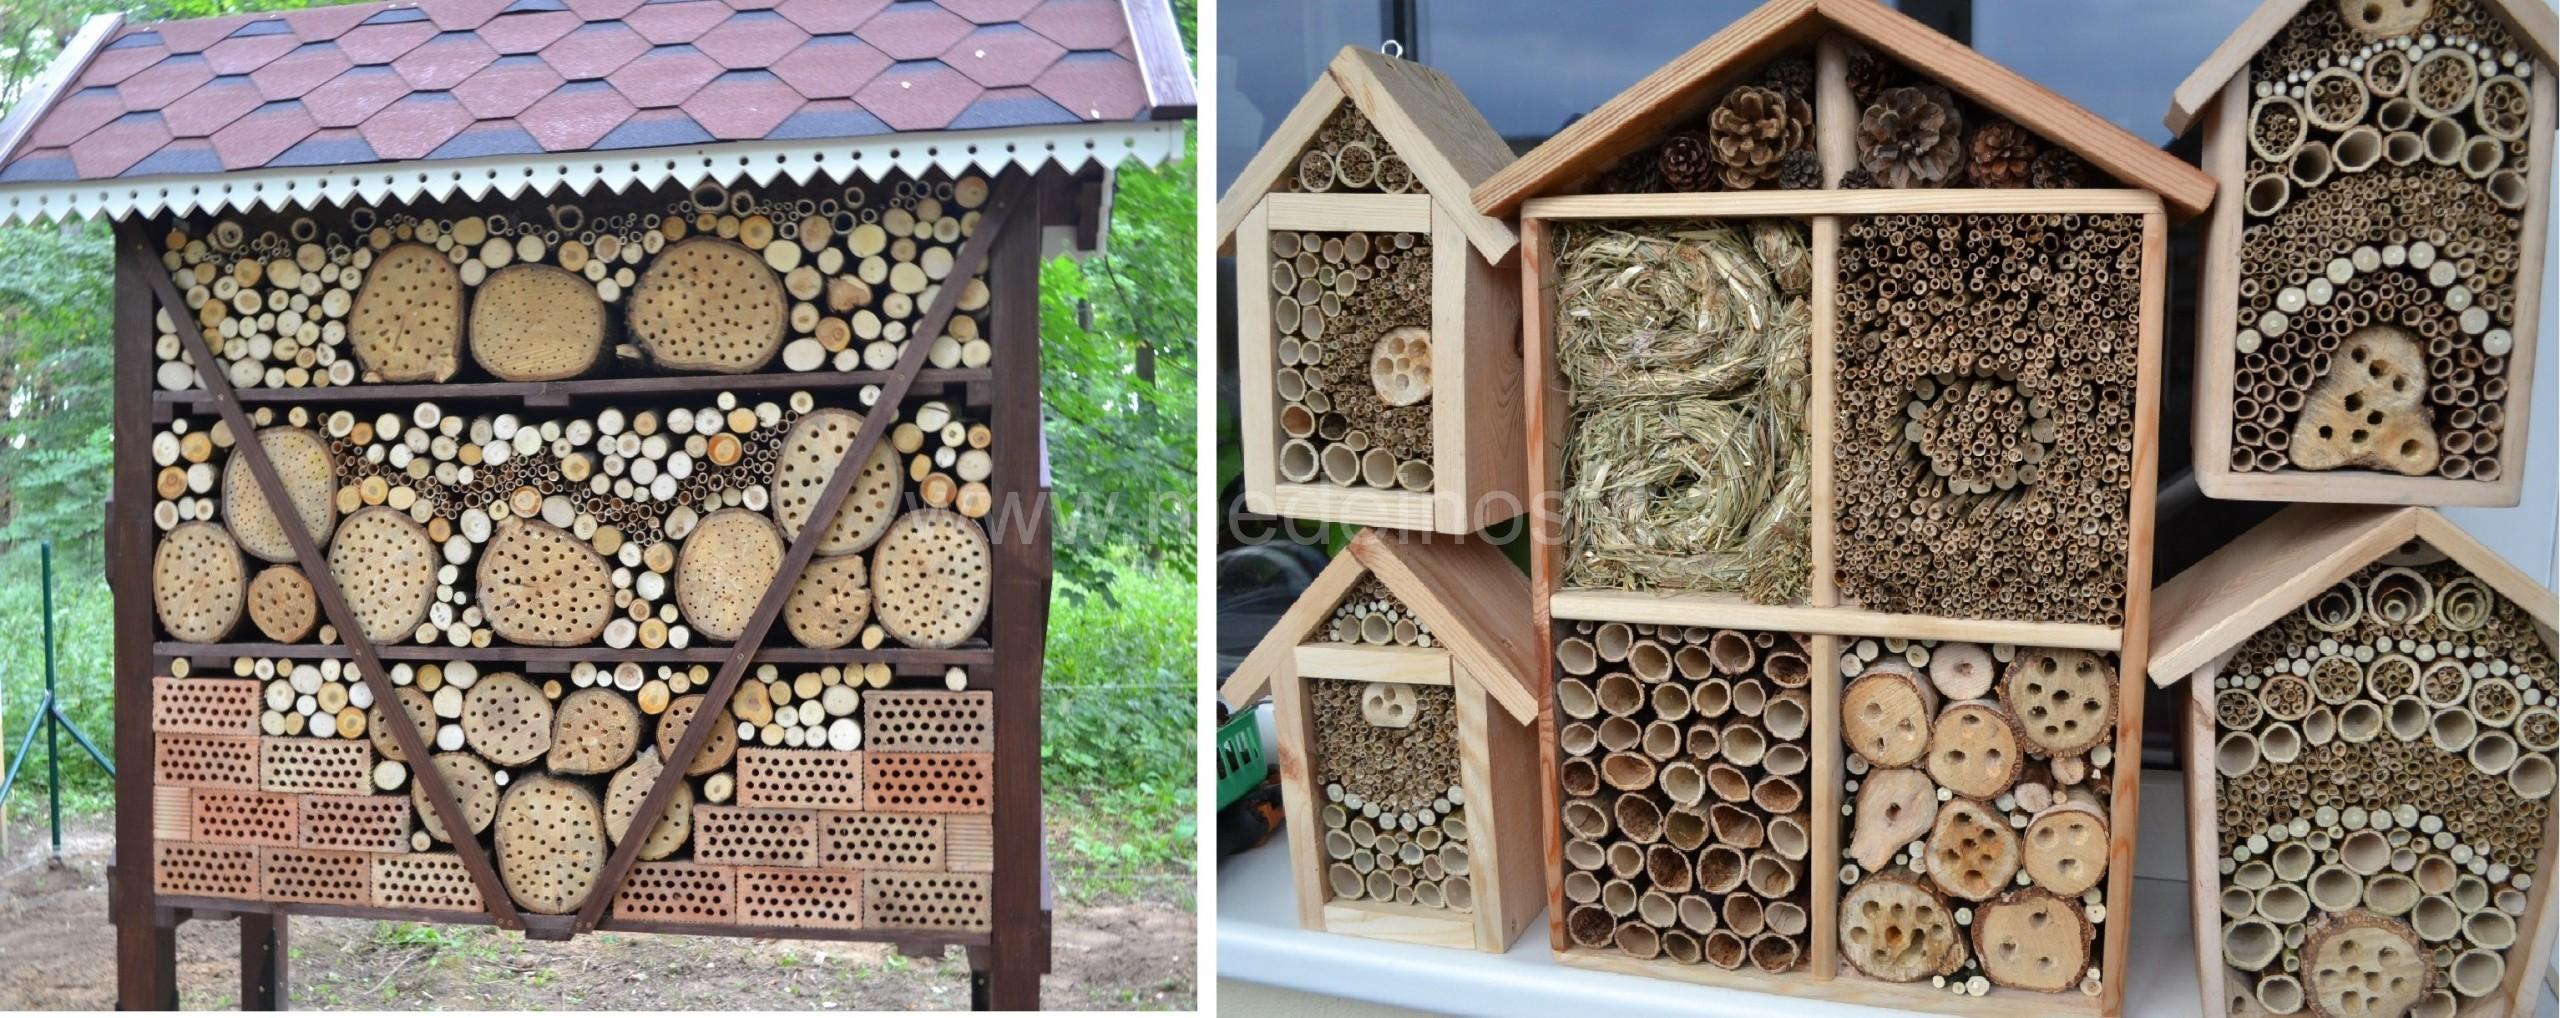 Viešbučiai vabzdžiams - gamtai ir žmogui